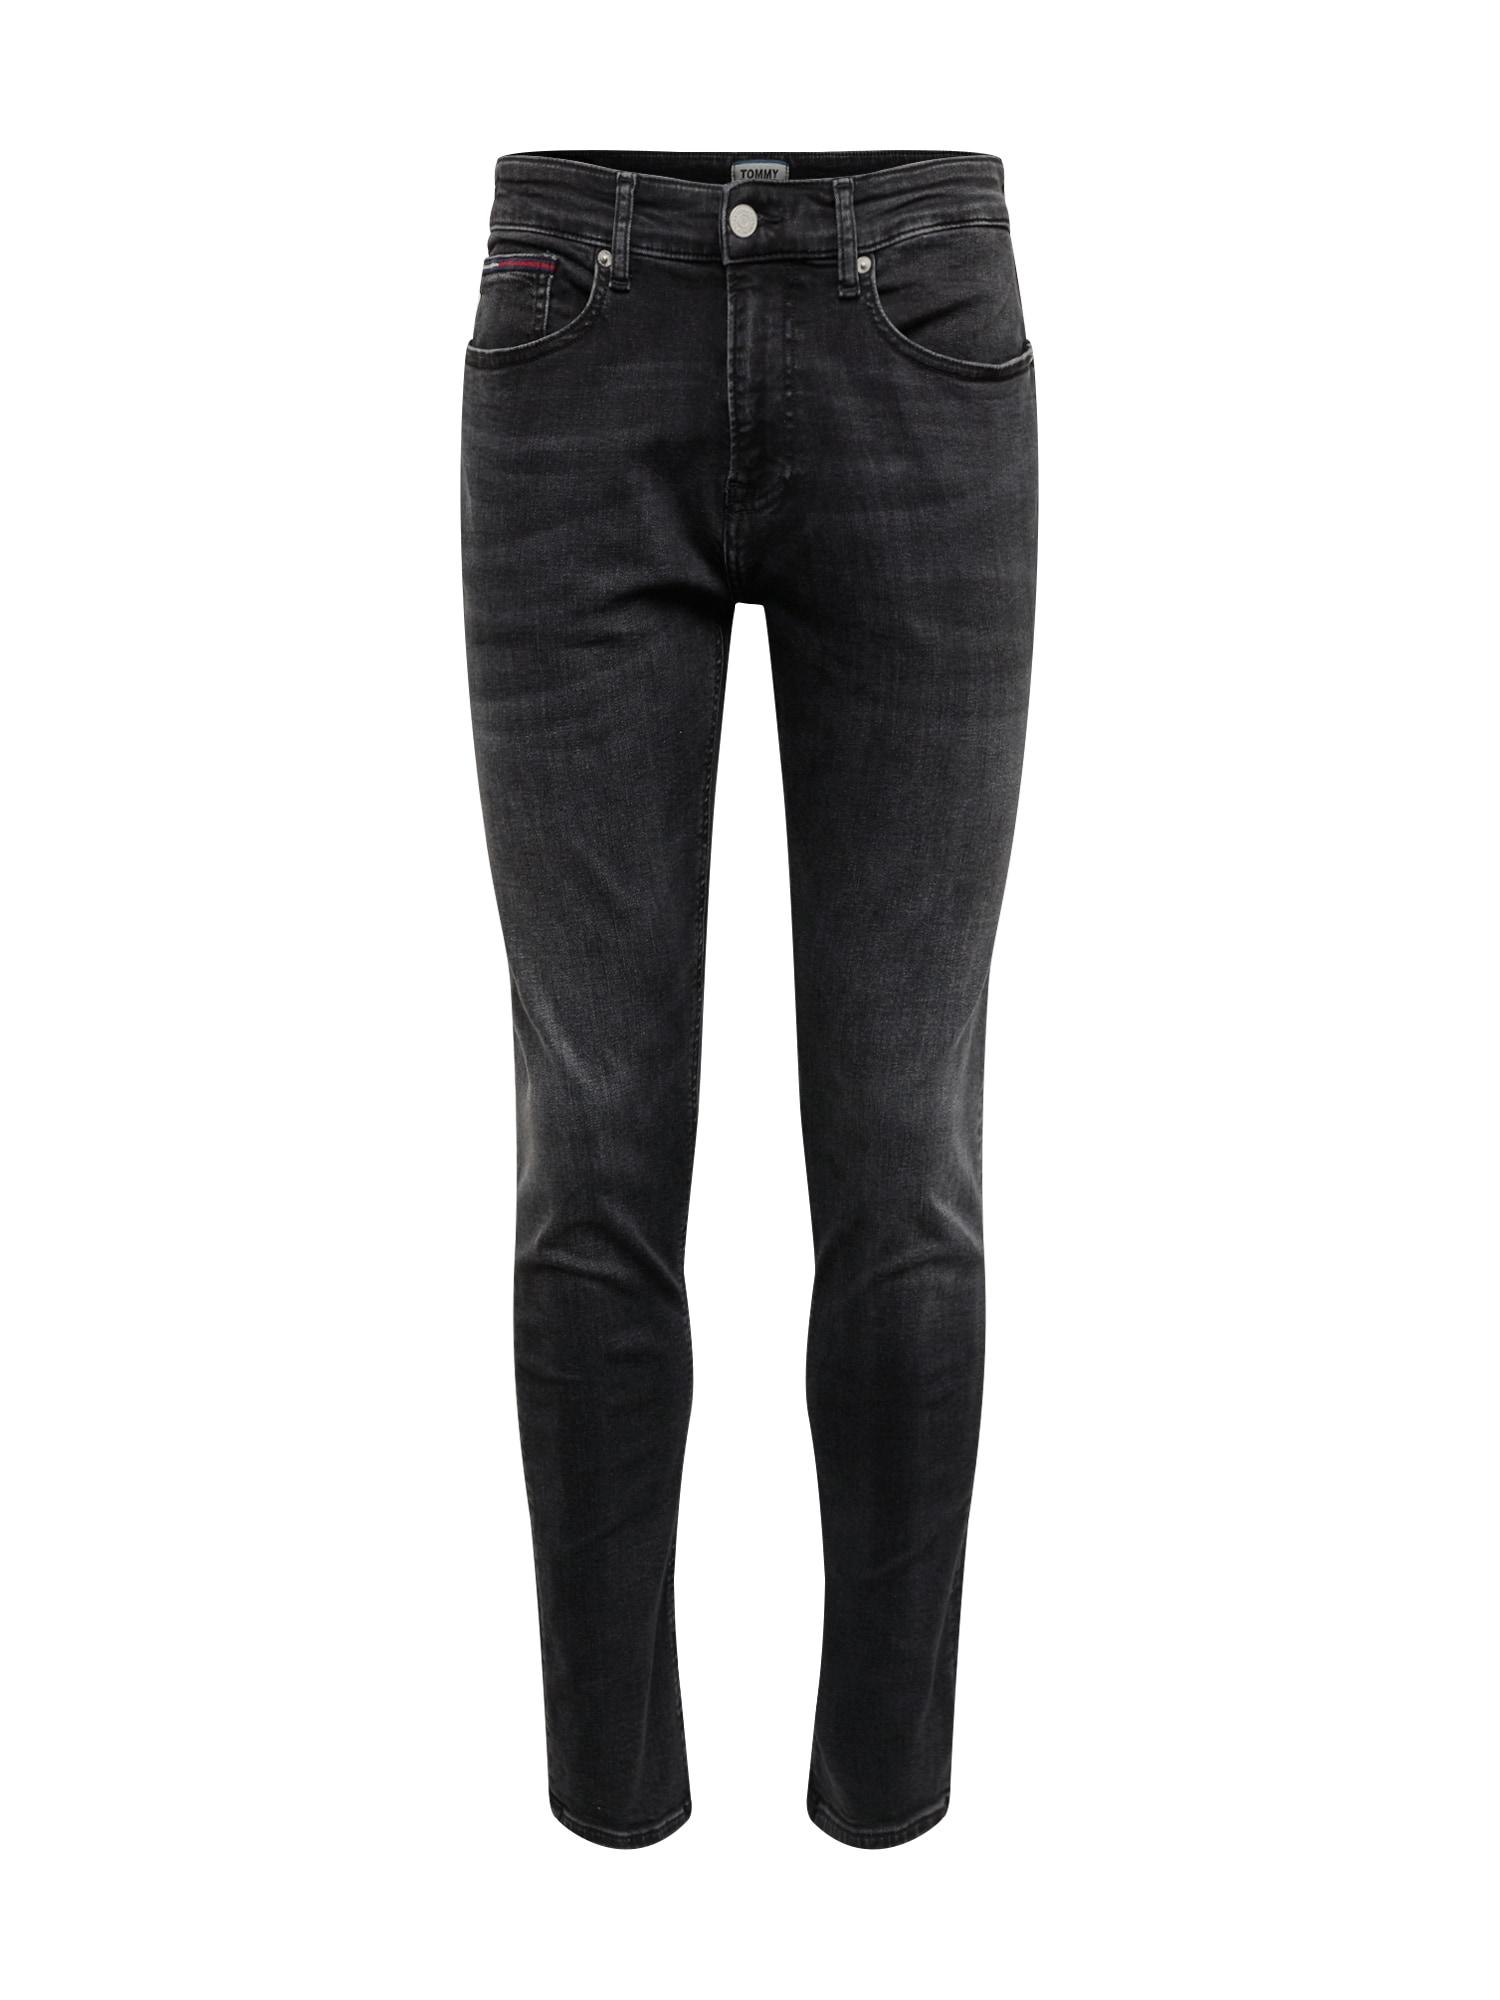 Džíny SLIM TAPERED STEVE MMPHS černá džínovina Tommy Jeans